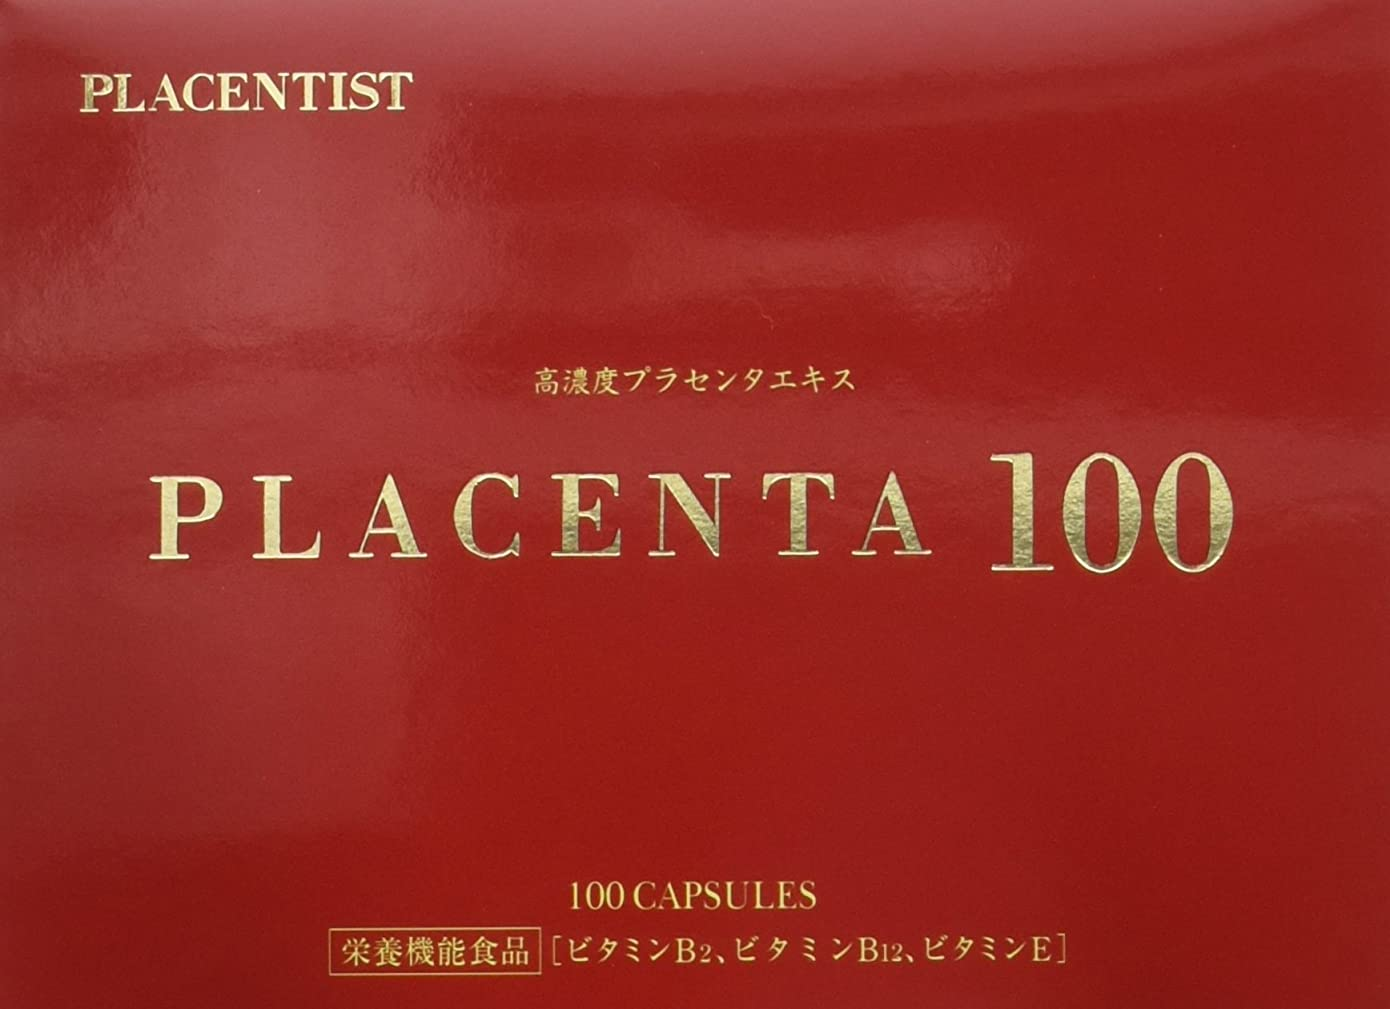 概要電化する付与プラセンタ100 レギュラーサイズ 100粒